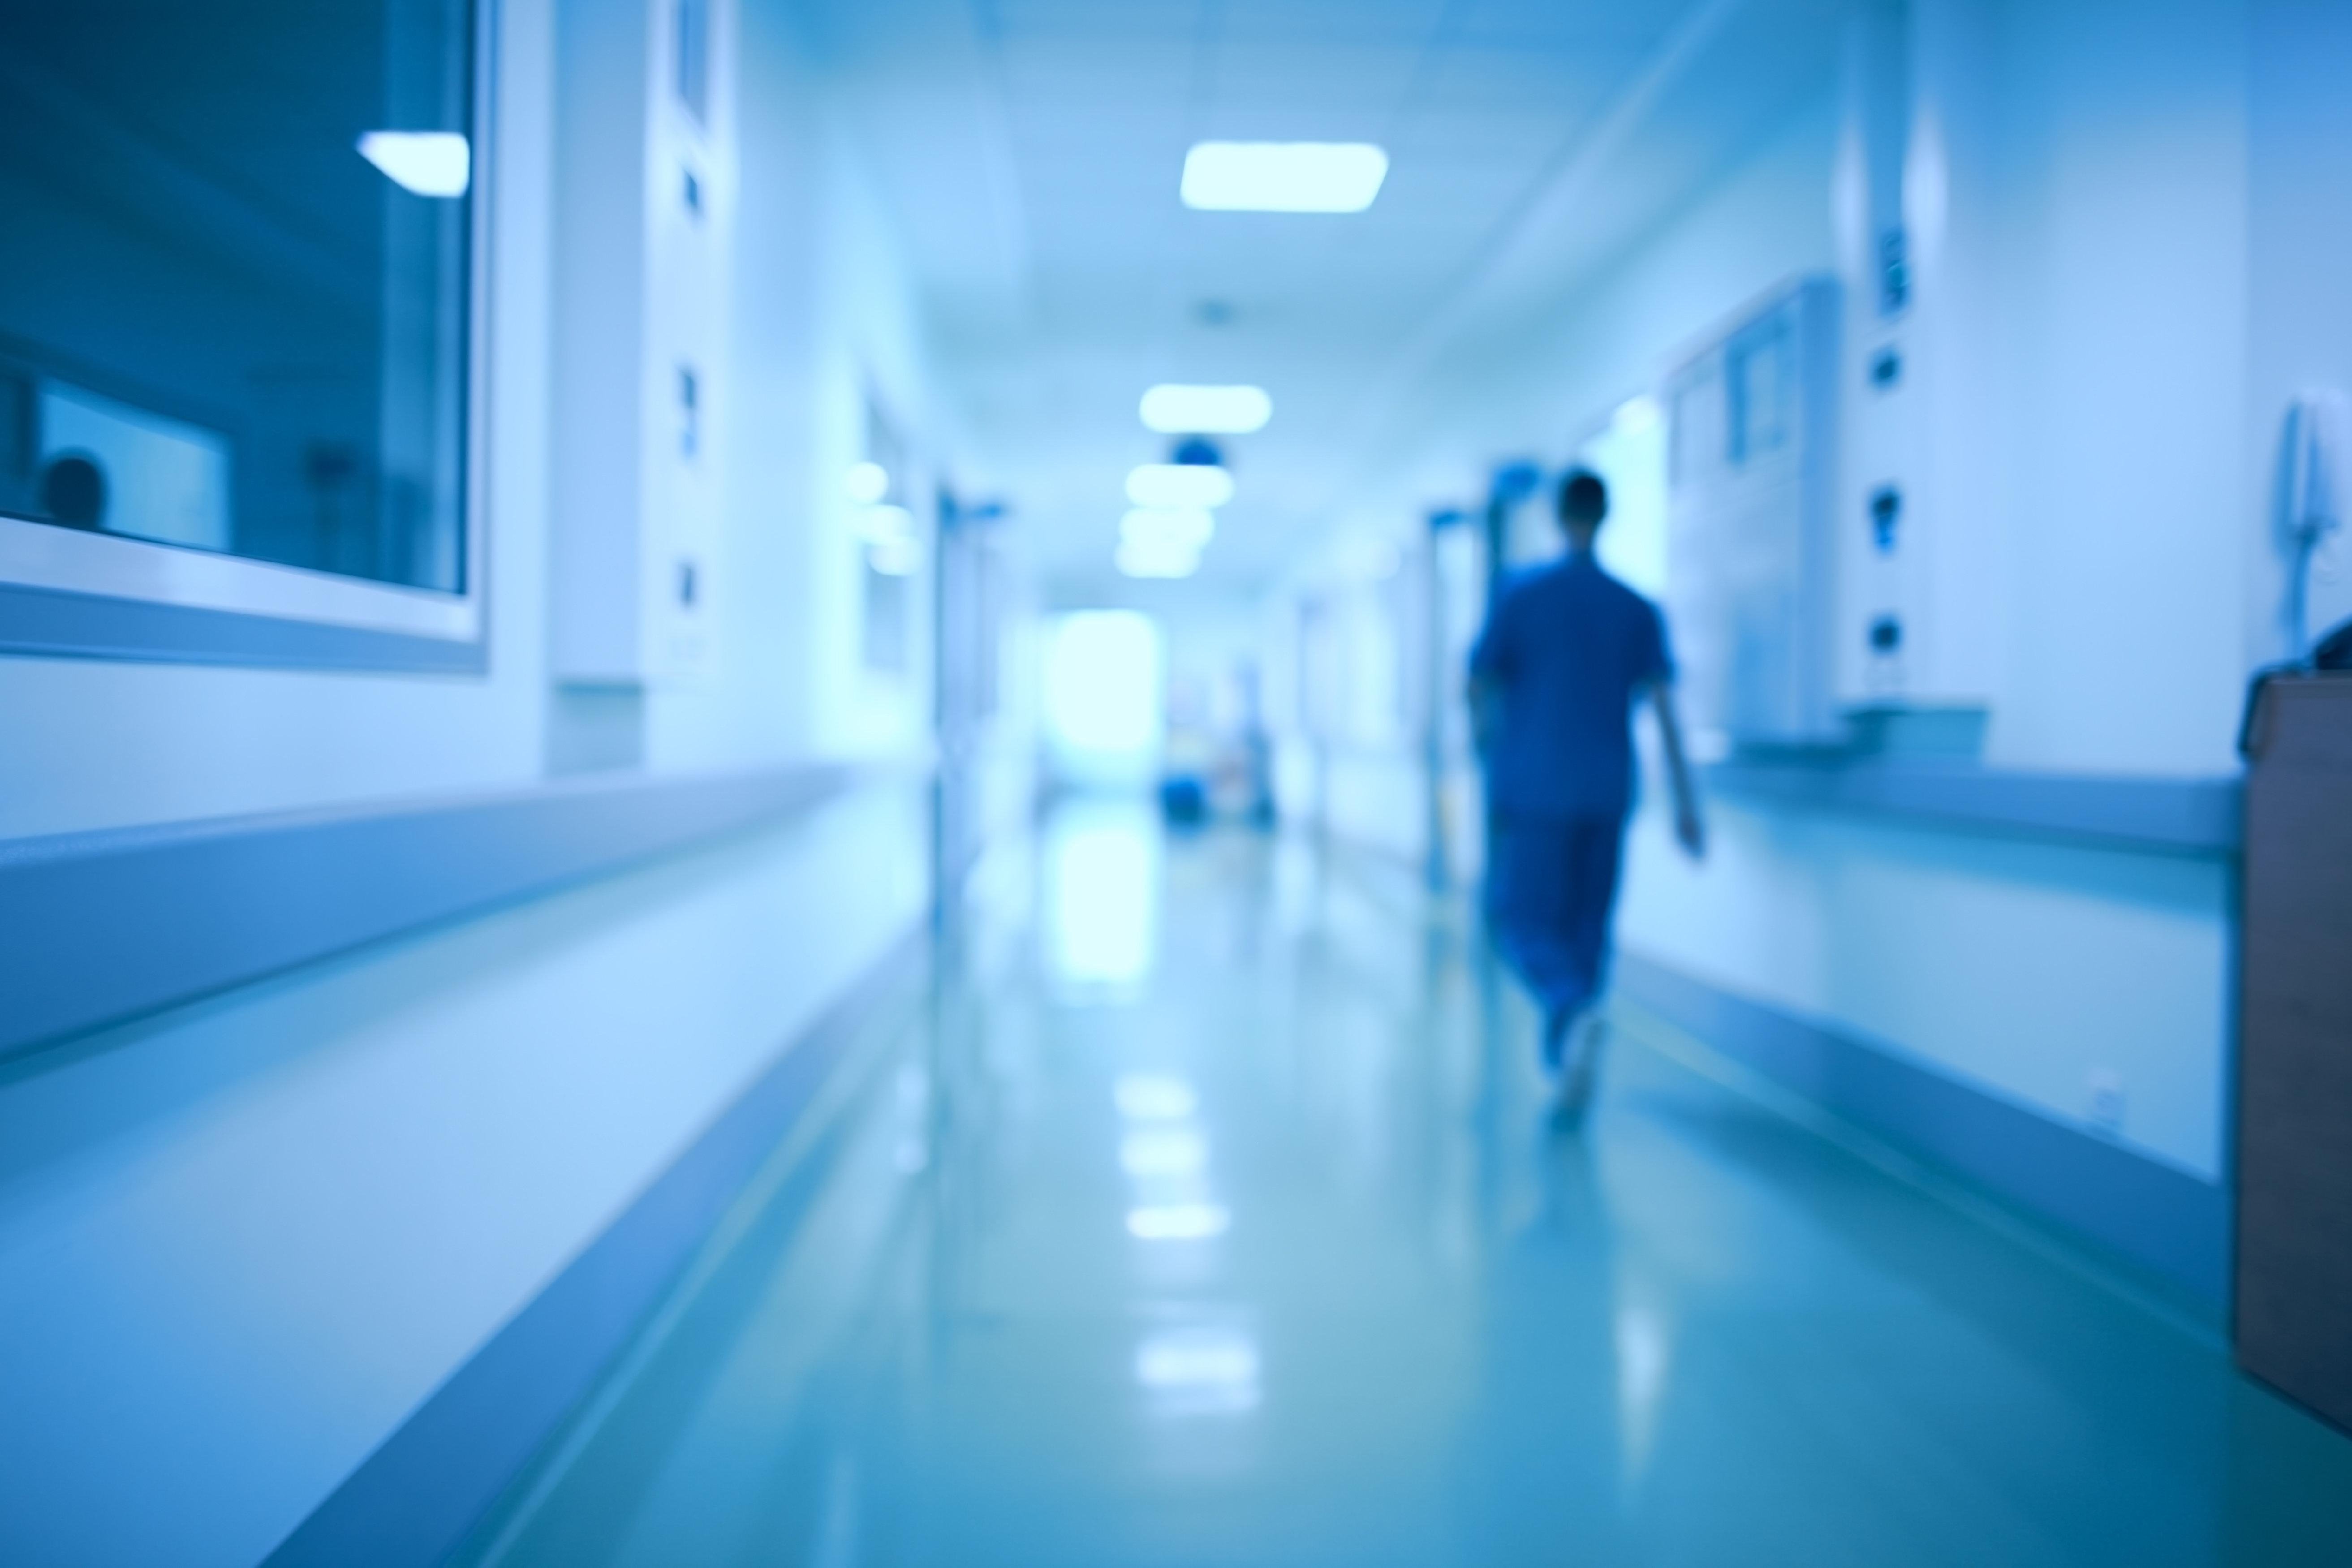 한국 병원에는 할머니 간호사가 없는